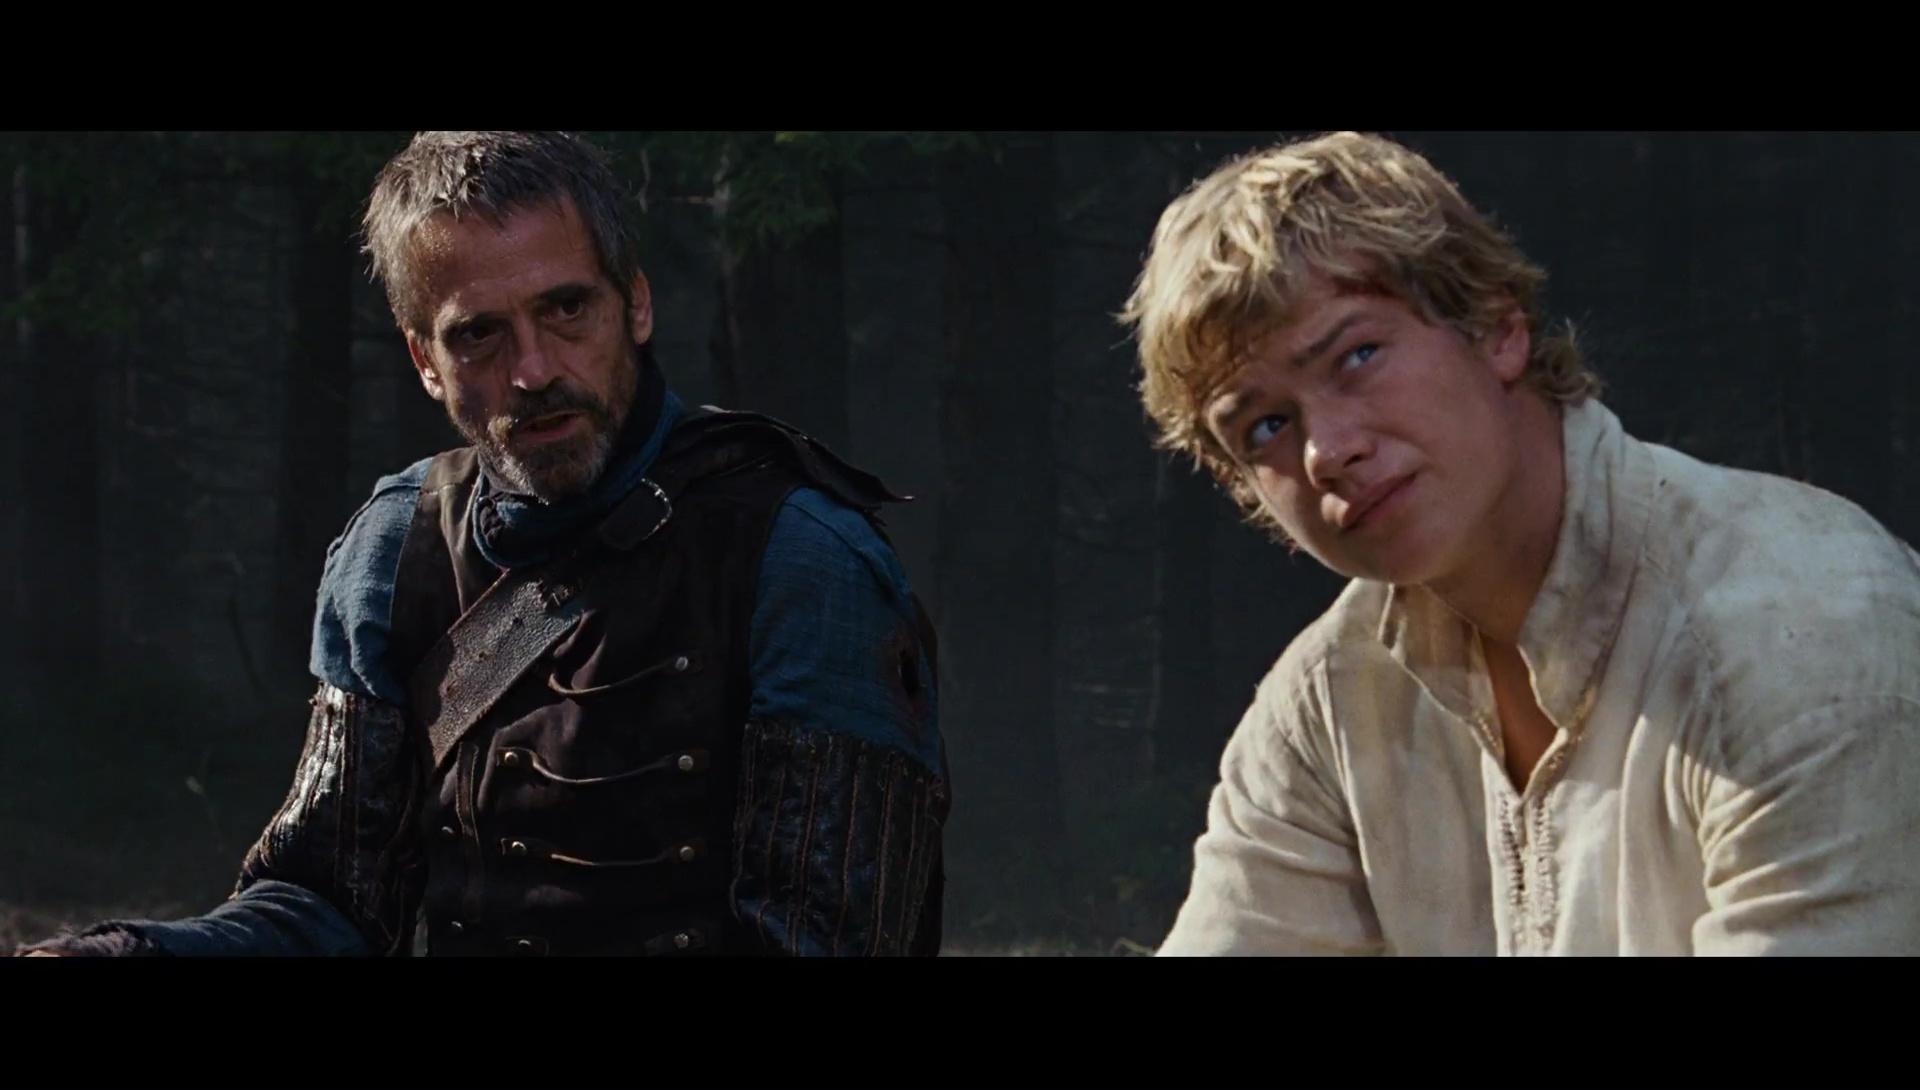 Eragon 1080p Lat-Cast-Ing 5.1 (2006)